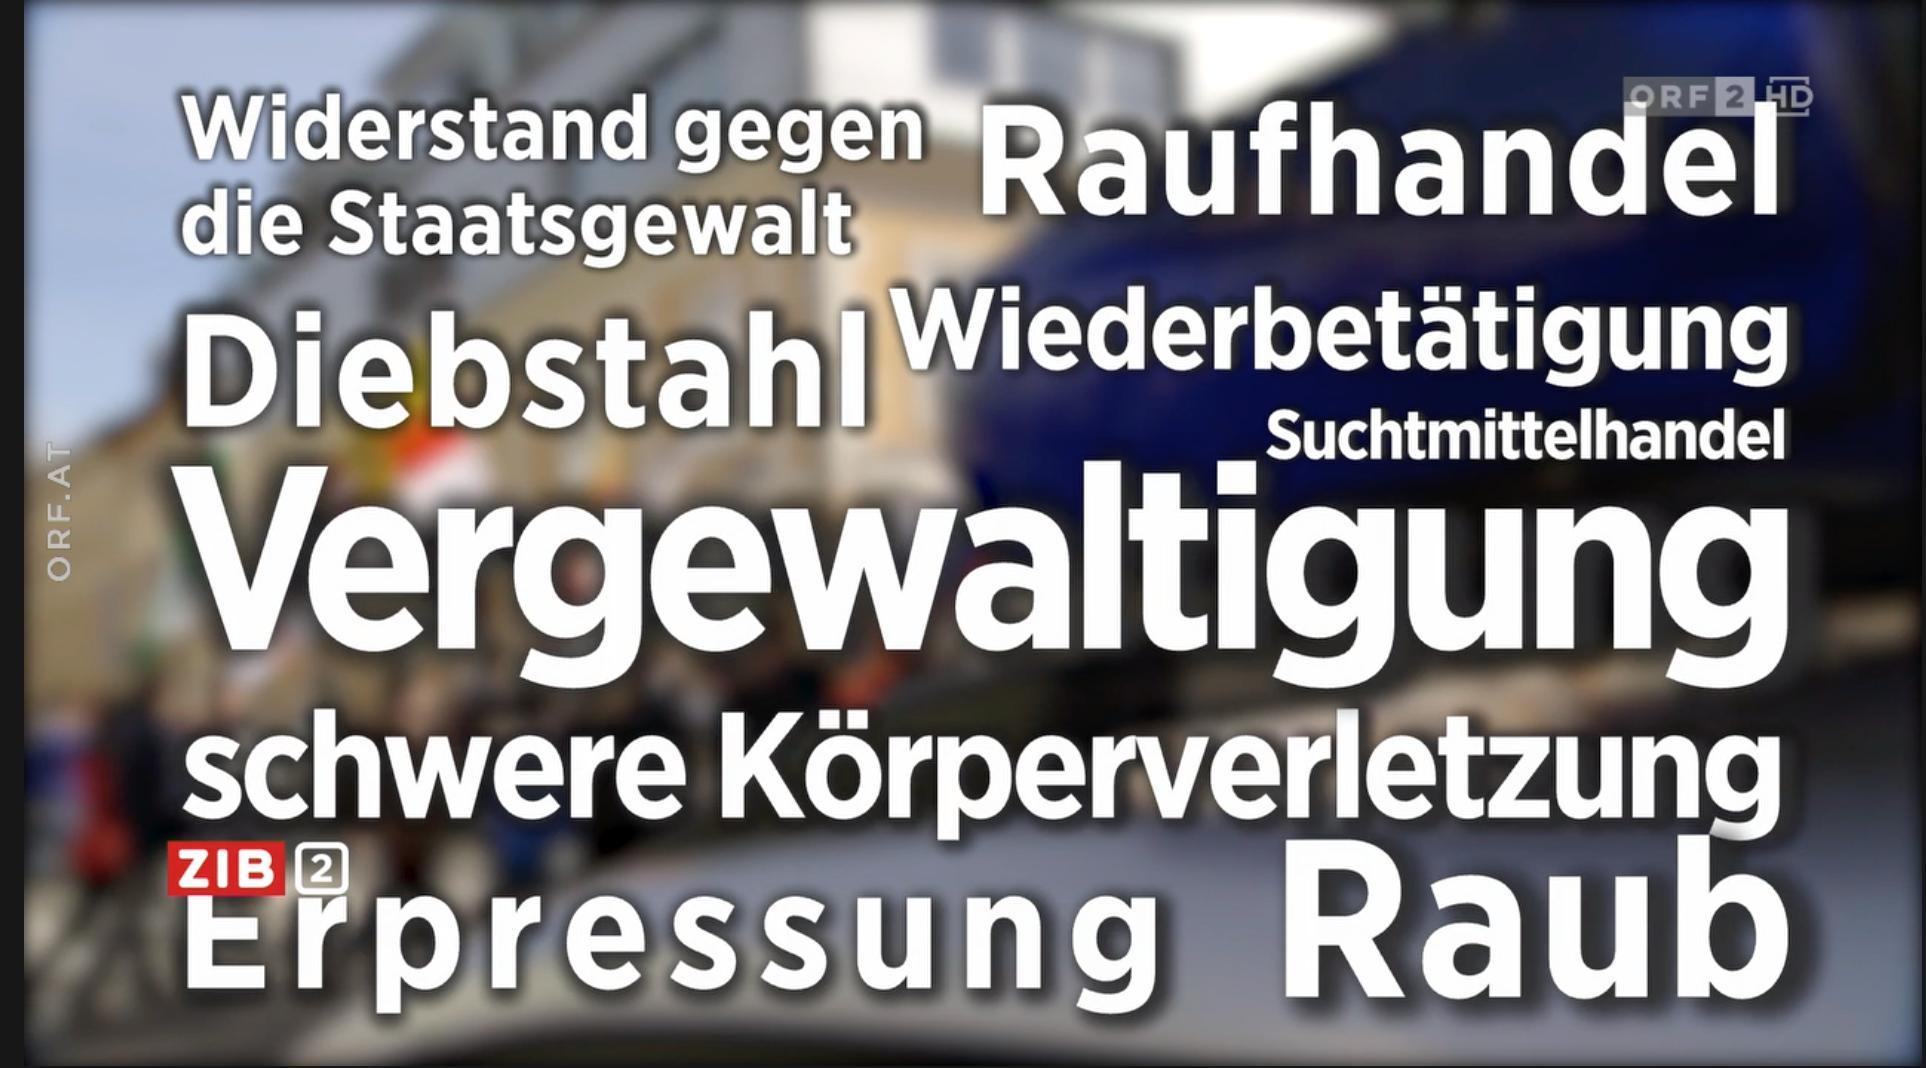 Delikte der rechtskräftig verurteilten Identitären (Screenshot ZiB 2, 11.4.19)